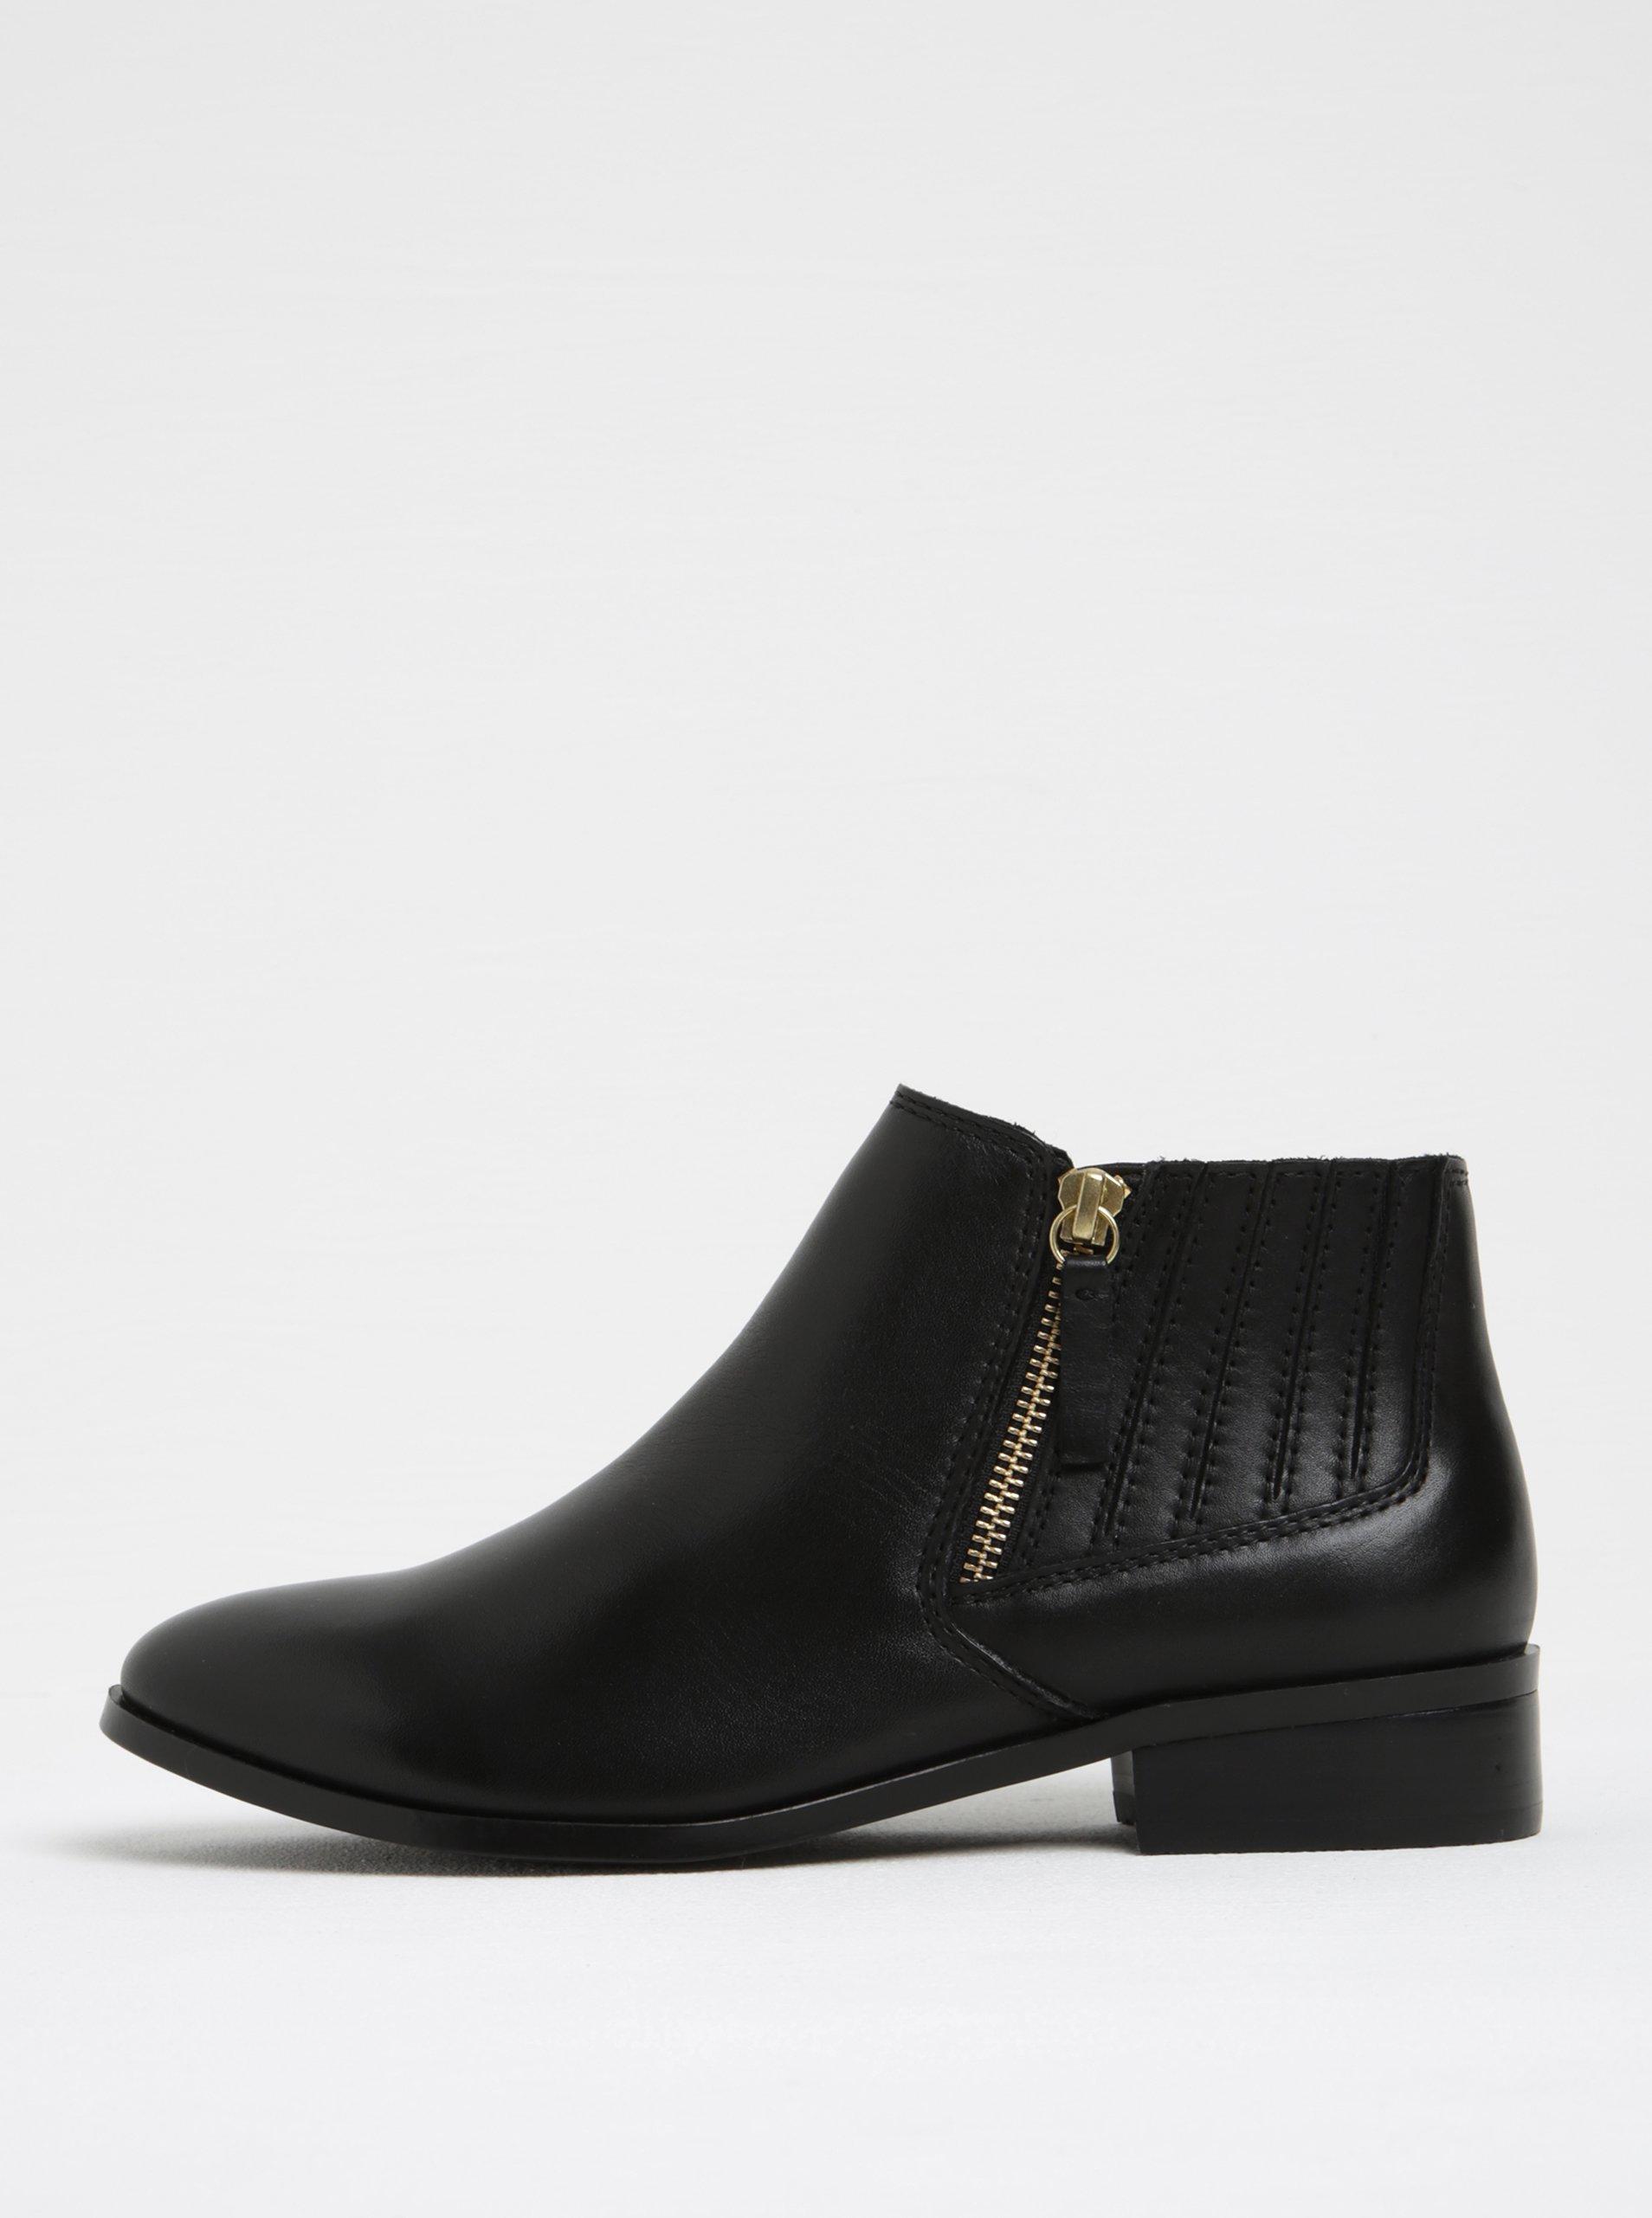 Černé dámské kožené kotníkové boty se zipem ve zlaté barvě ALDO Taliyah